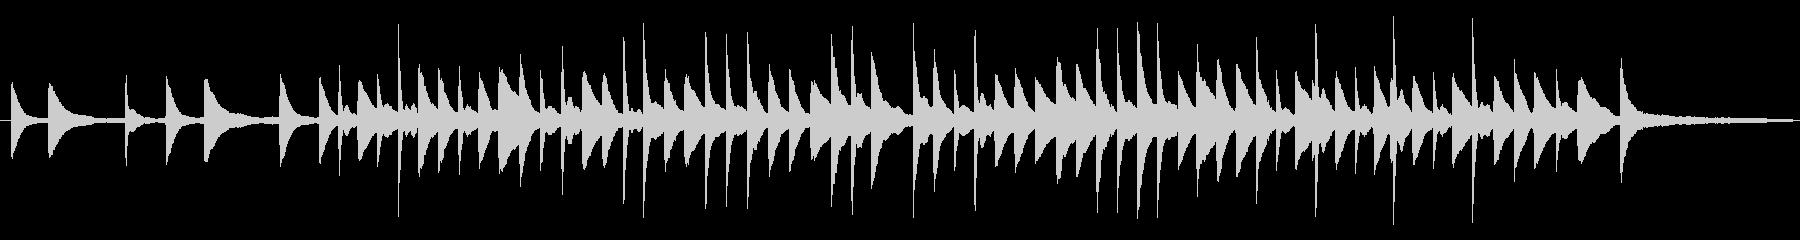 シンプルなピアノのBGMの未再生の波形